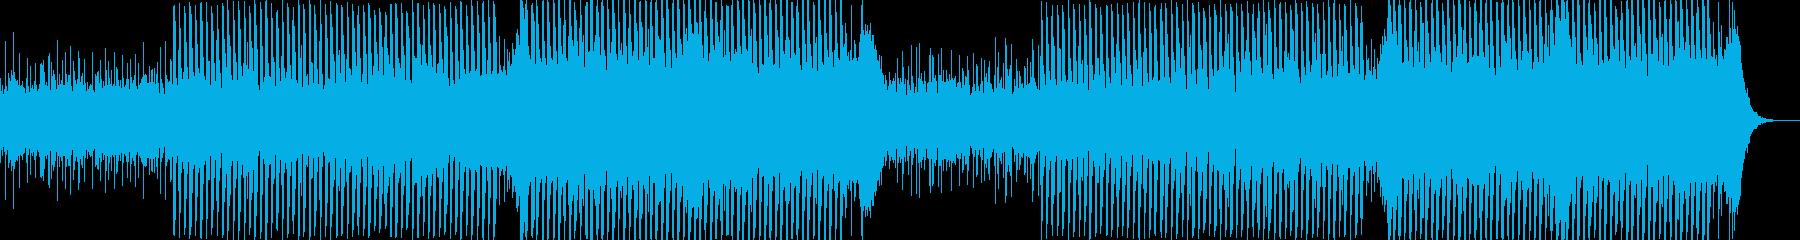 企業VP系20、爽やかギター4つ打ち3aの再生済みの波形